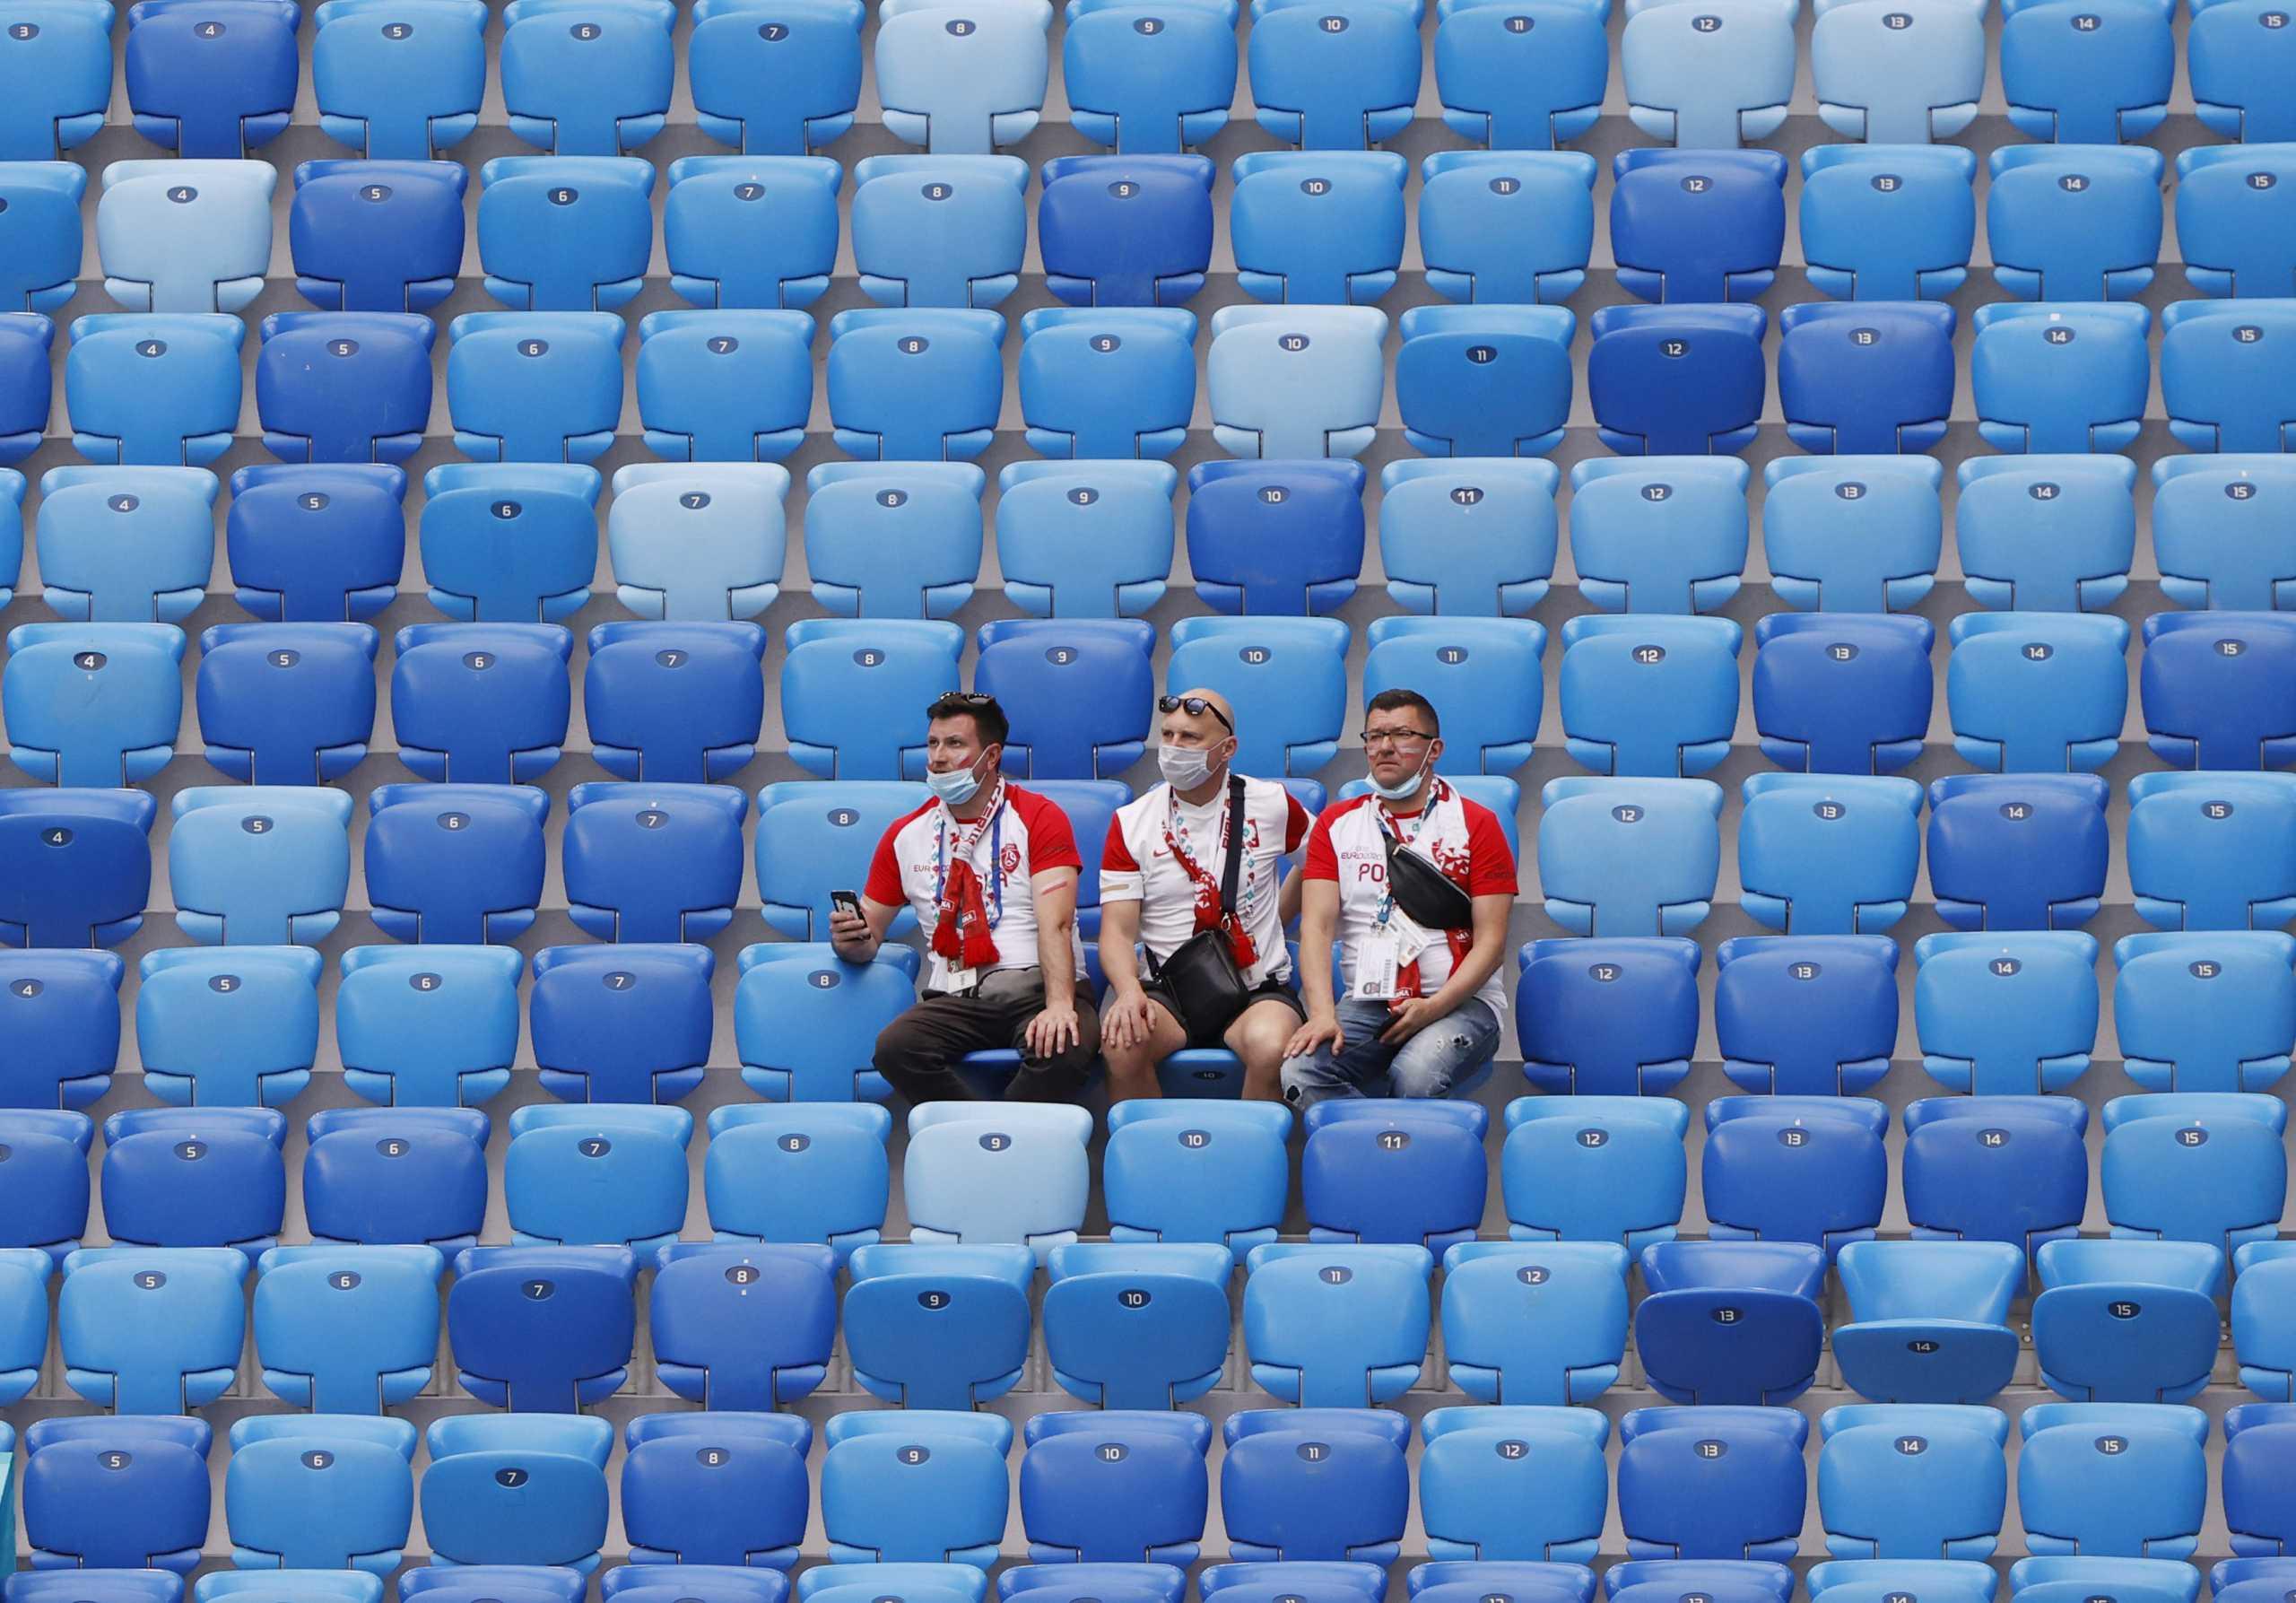 Euro 2020: Στη Βουδαπέστη το πρώτο γεμάτο γήπεδο μετά από 15 μήνες